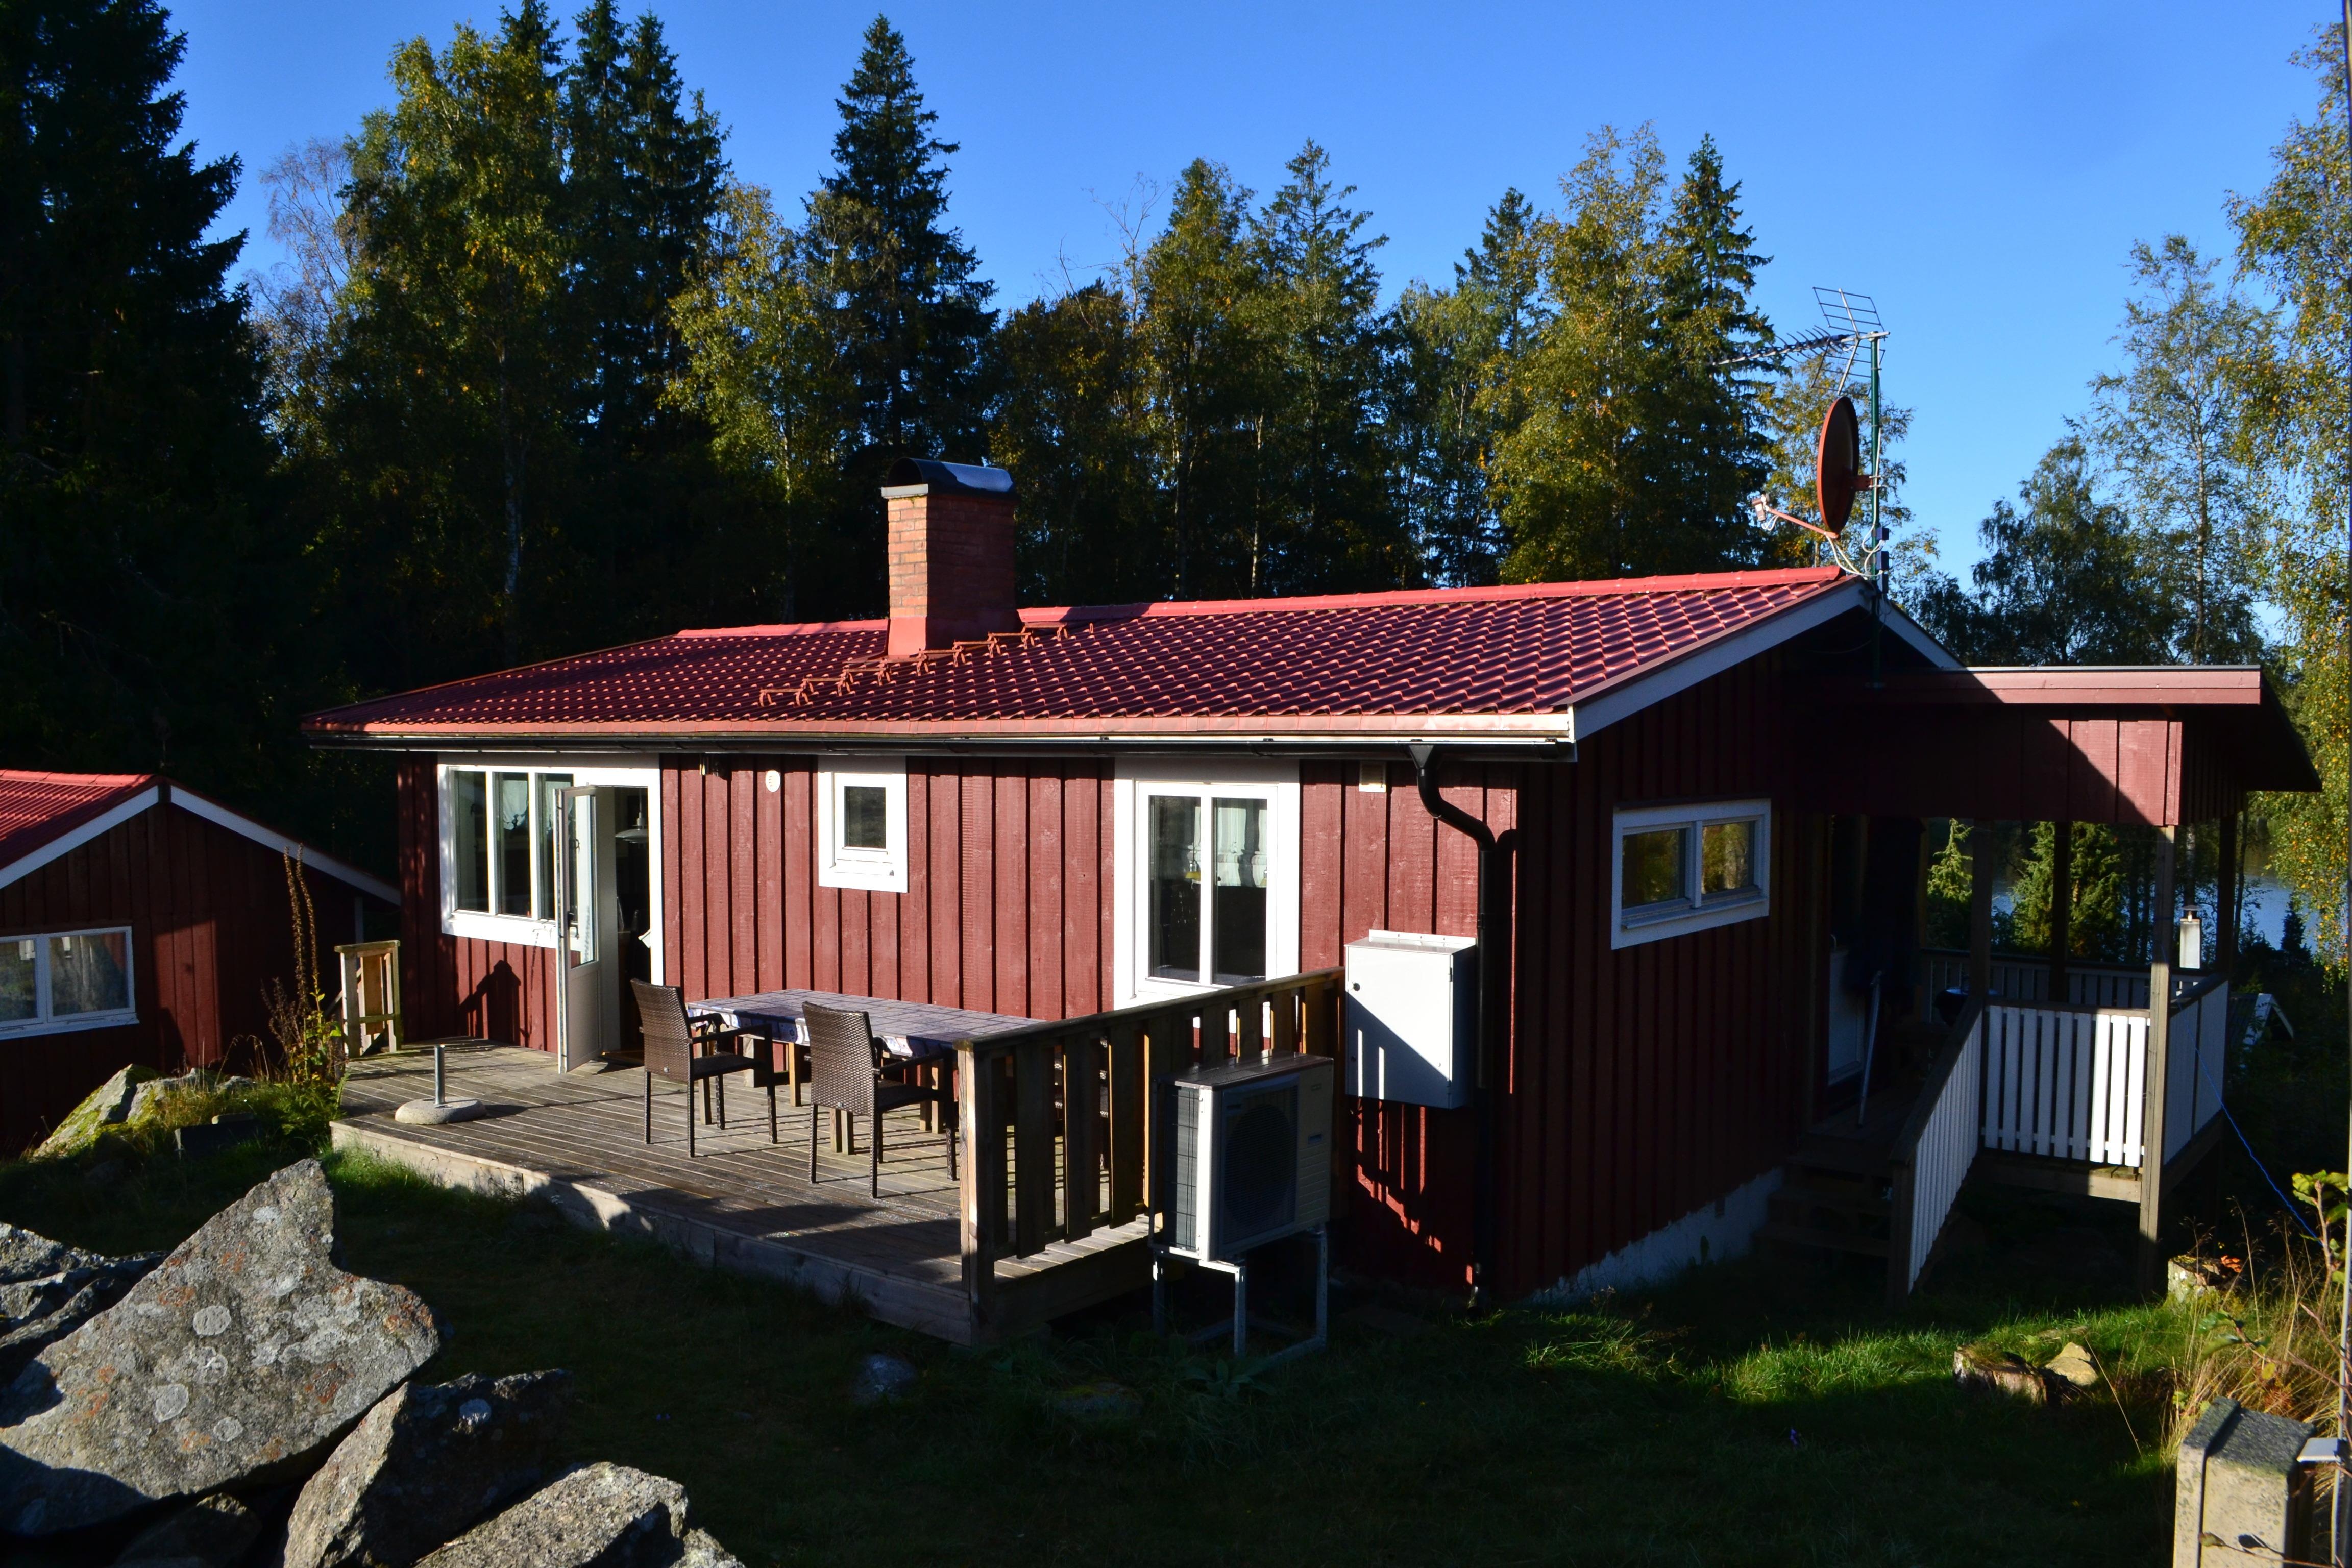 Ferienhaus Elsemala Kullabo - Außenansicht